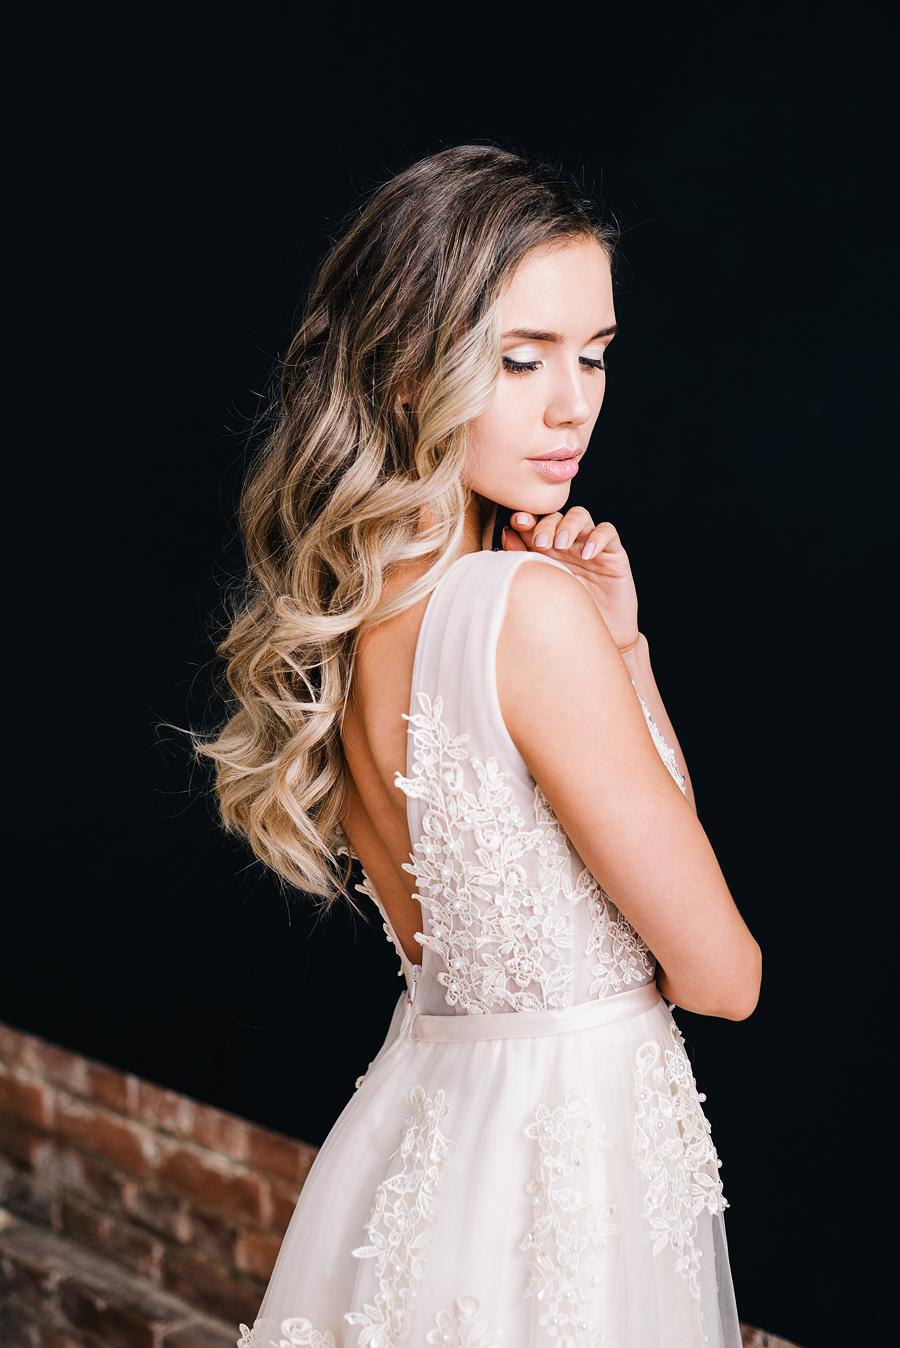 идеи для фотосессии невесты